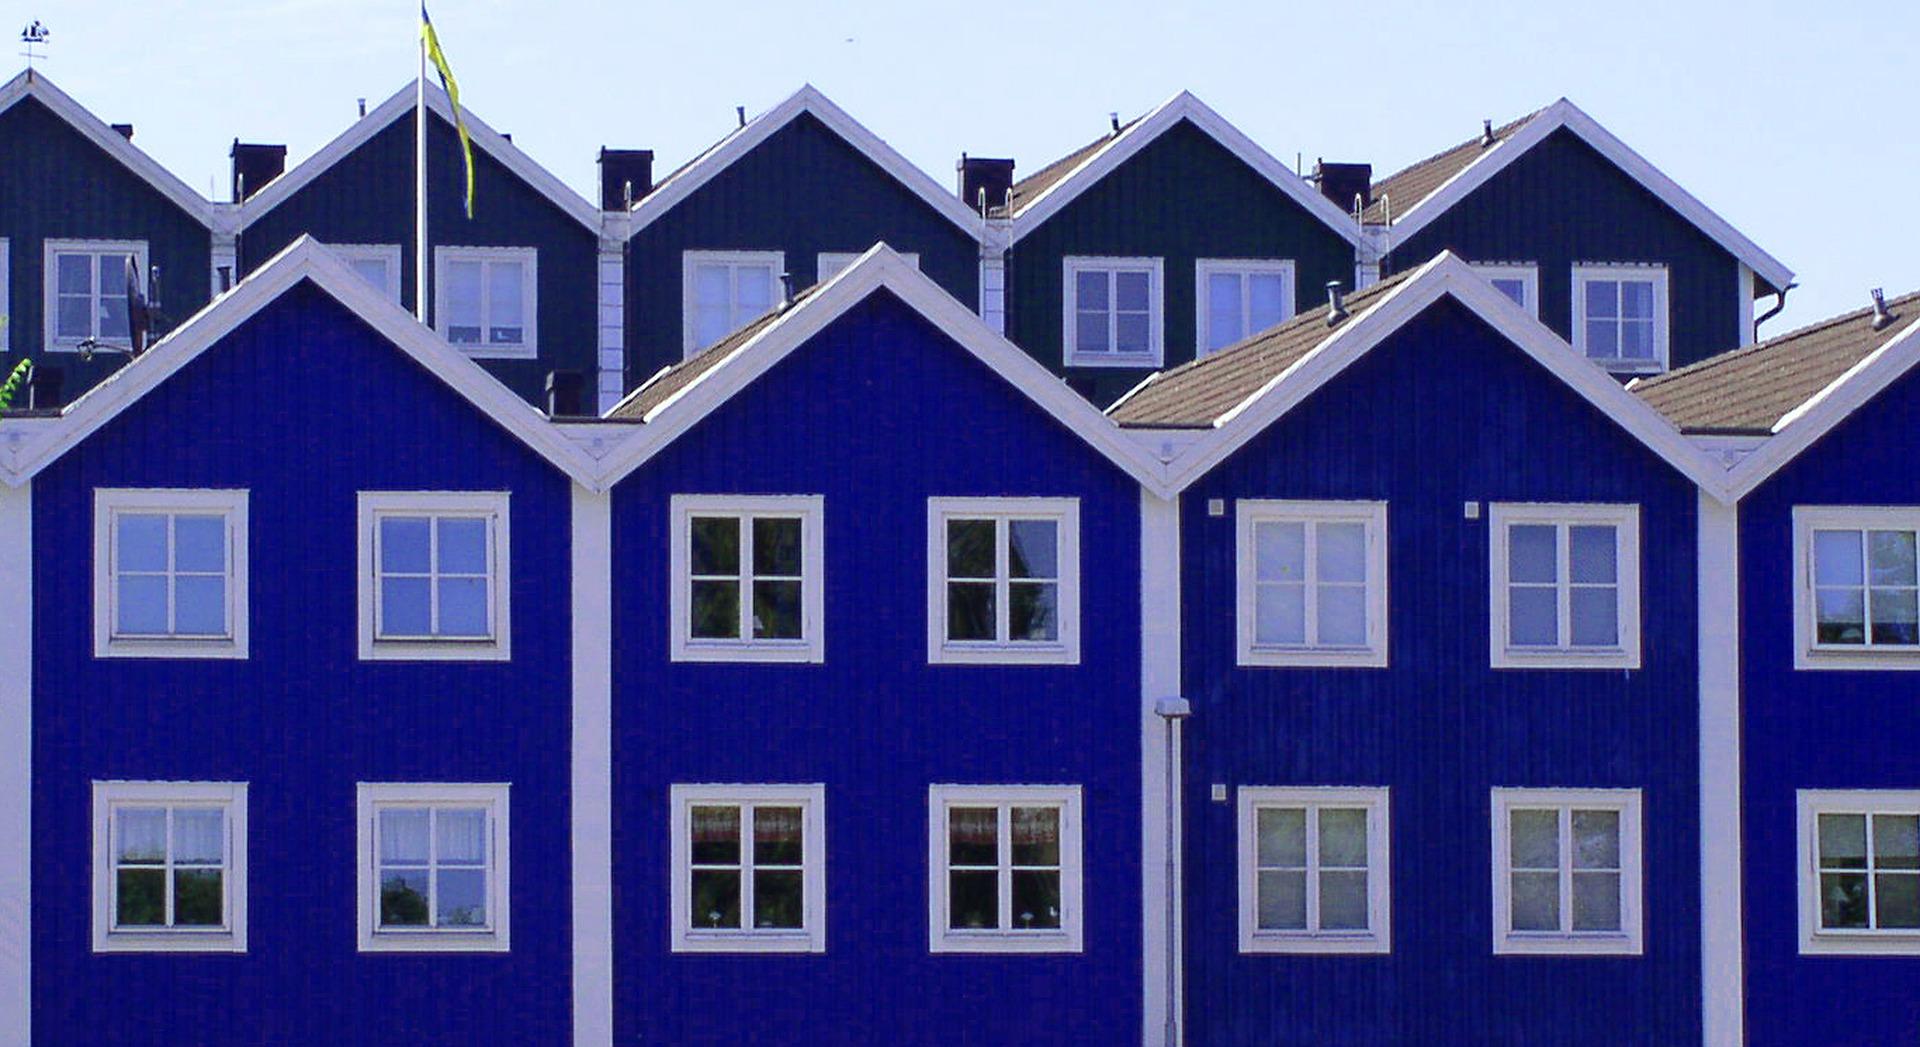 sweden-421804_1920.jpg